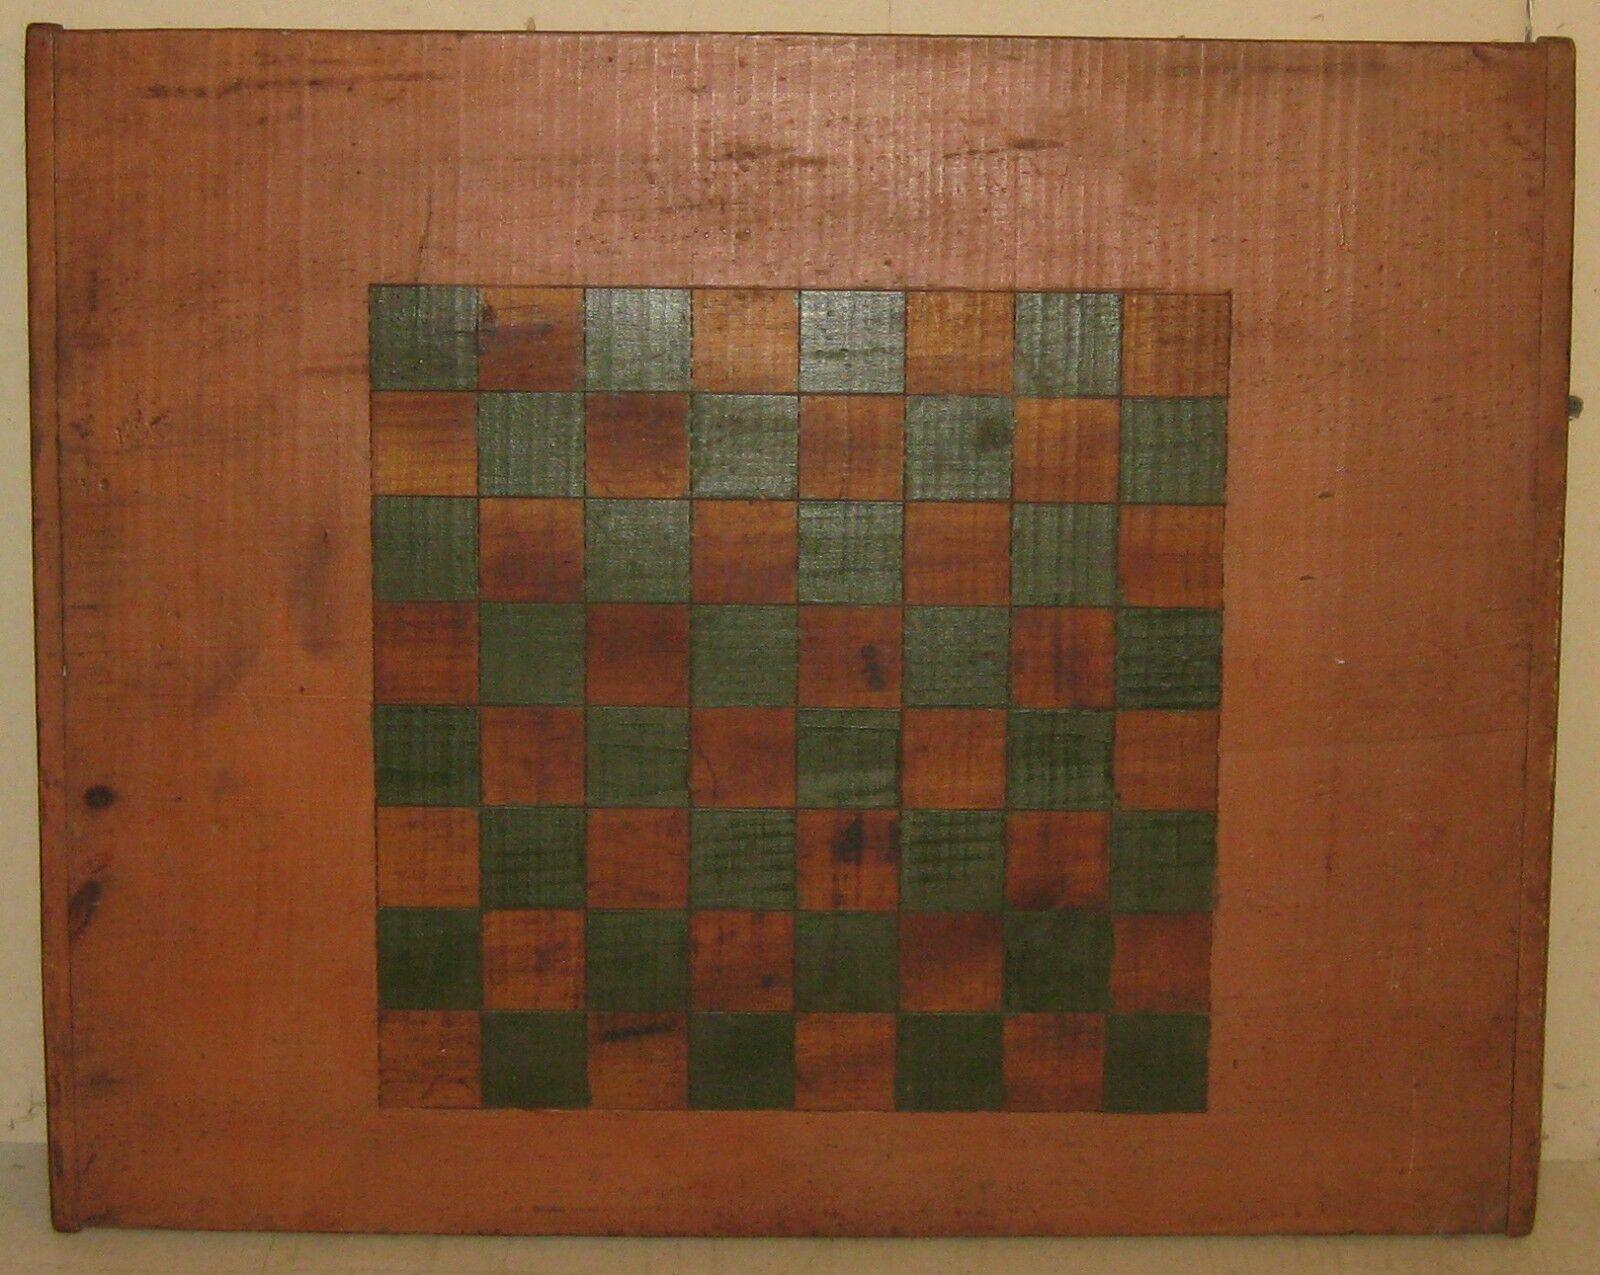 Antiguo arte popular primitivo Americano Pintado salmón Tablero De Juego-Bread Board